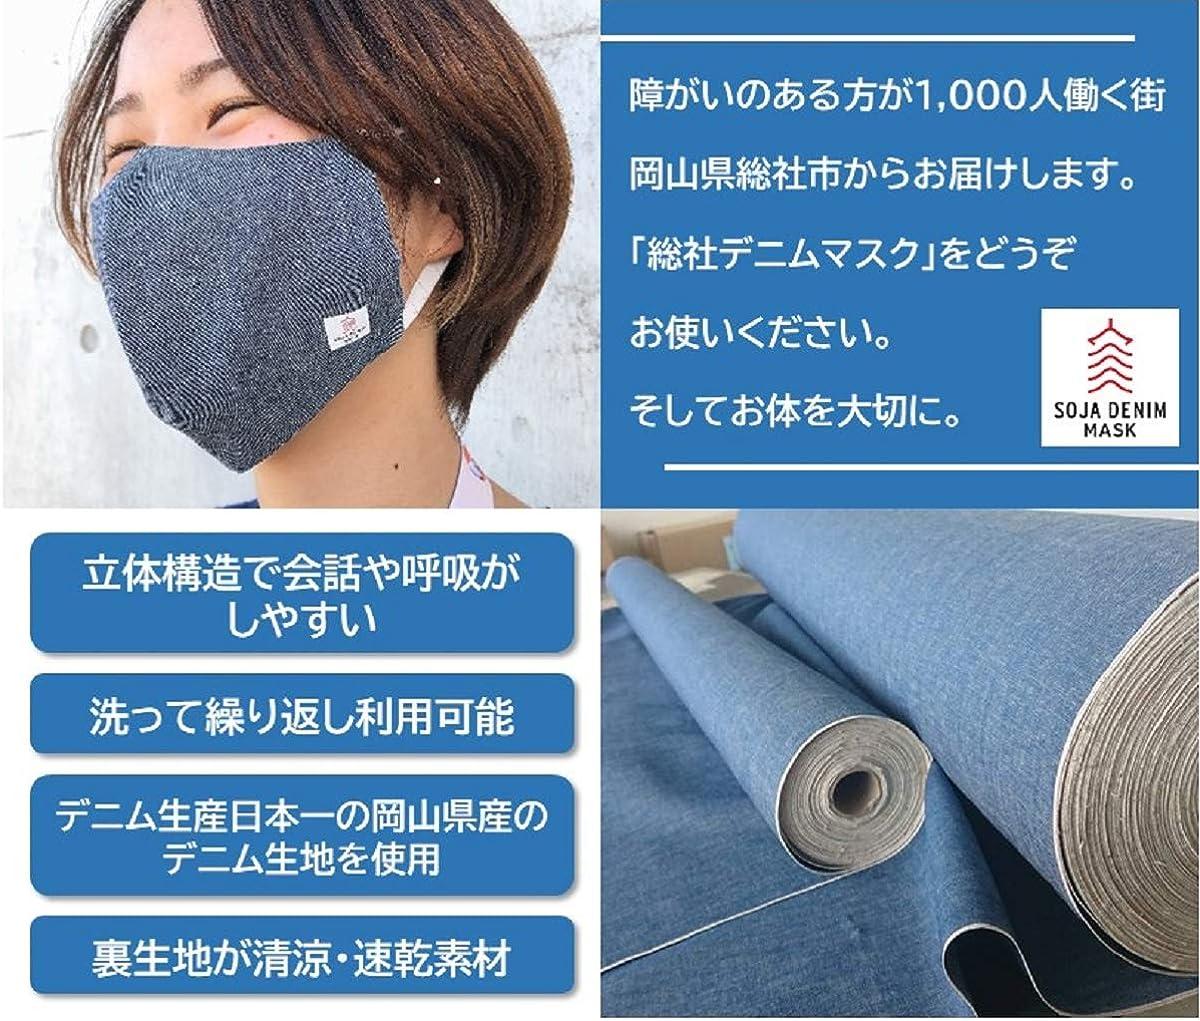 デニム マスク 総社 デニムの街・岡山県総社市などでデニムマスクの全国販売開始!「かっこいい」「絶対買う」障害者の方の就労支援にもなってるらしい